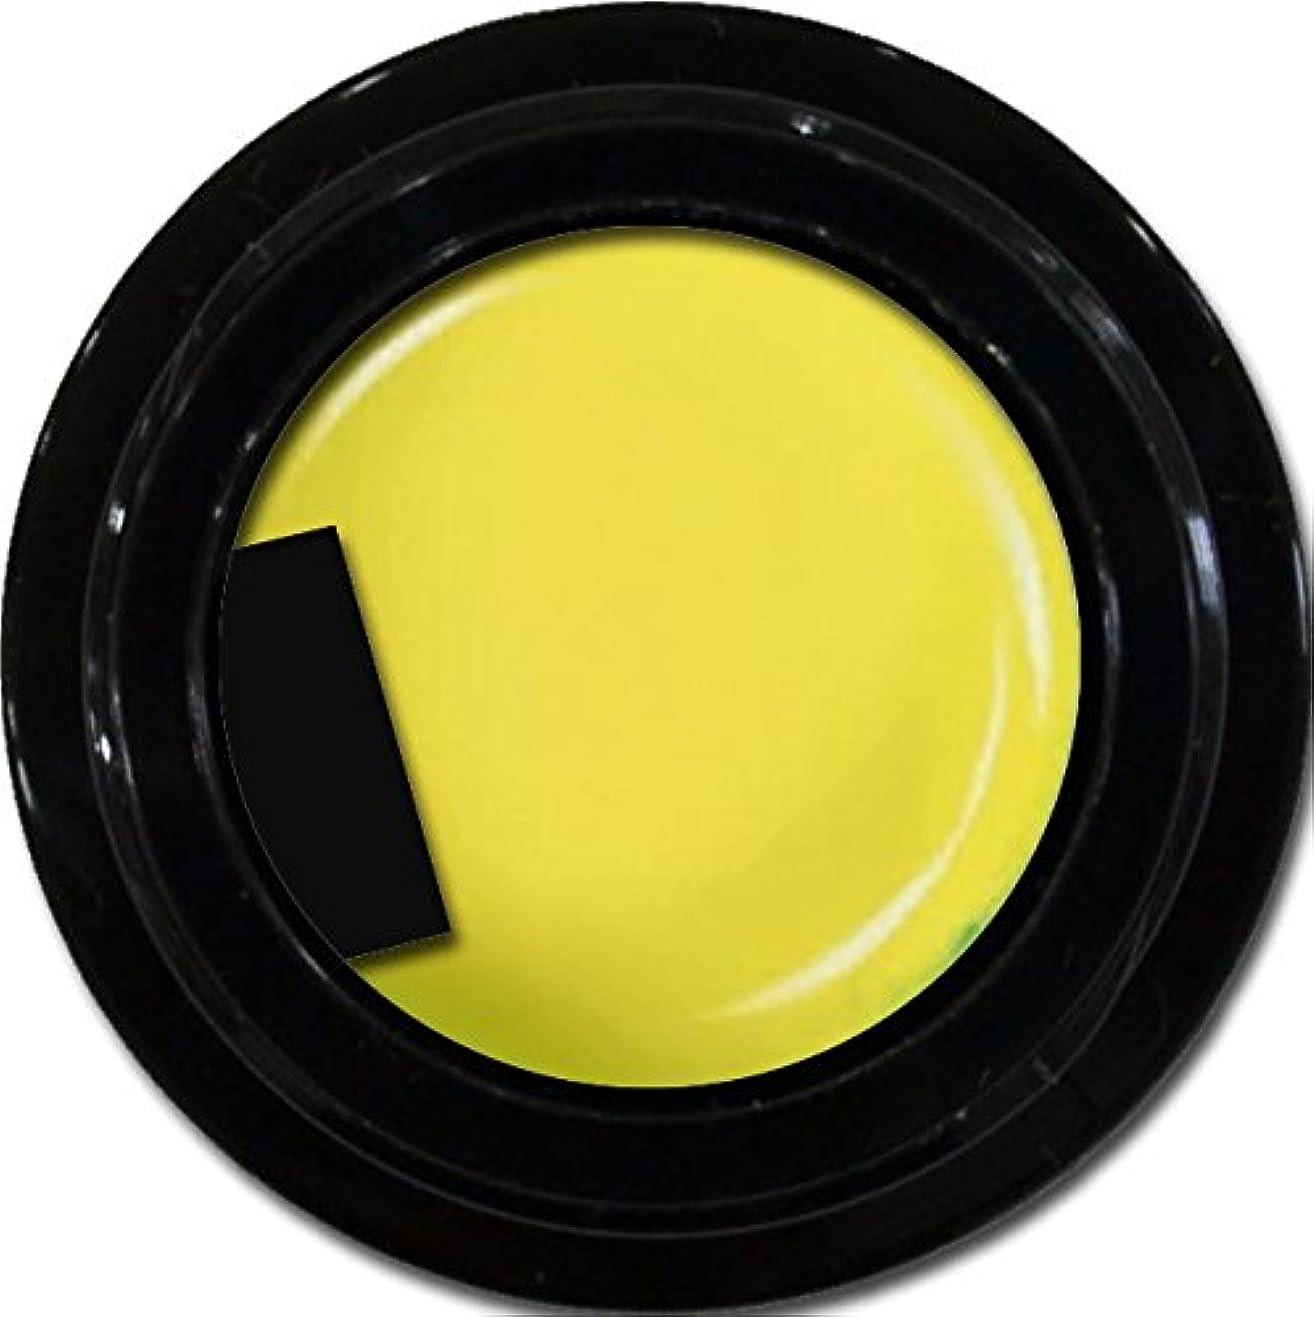 穿孔する農学ホームカラージェル enchant color gel M602 MoroccoYellow 3g/ マットカラージェル M602 モロッコイエロー 3グラム